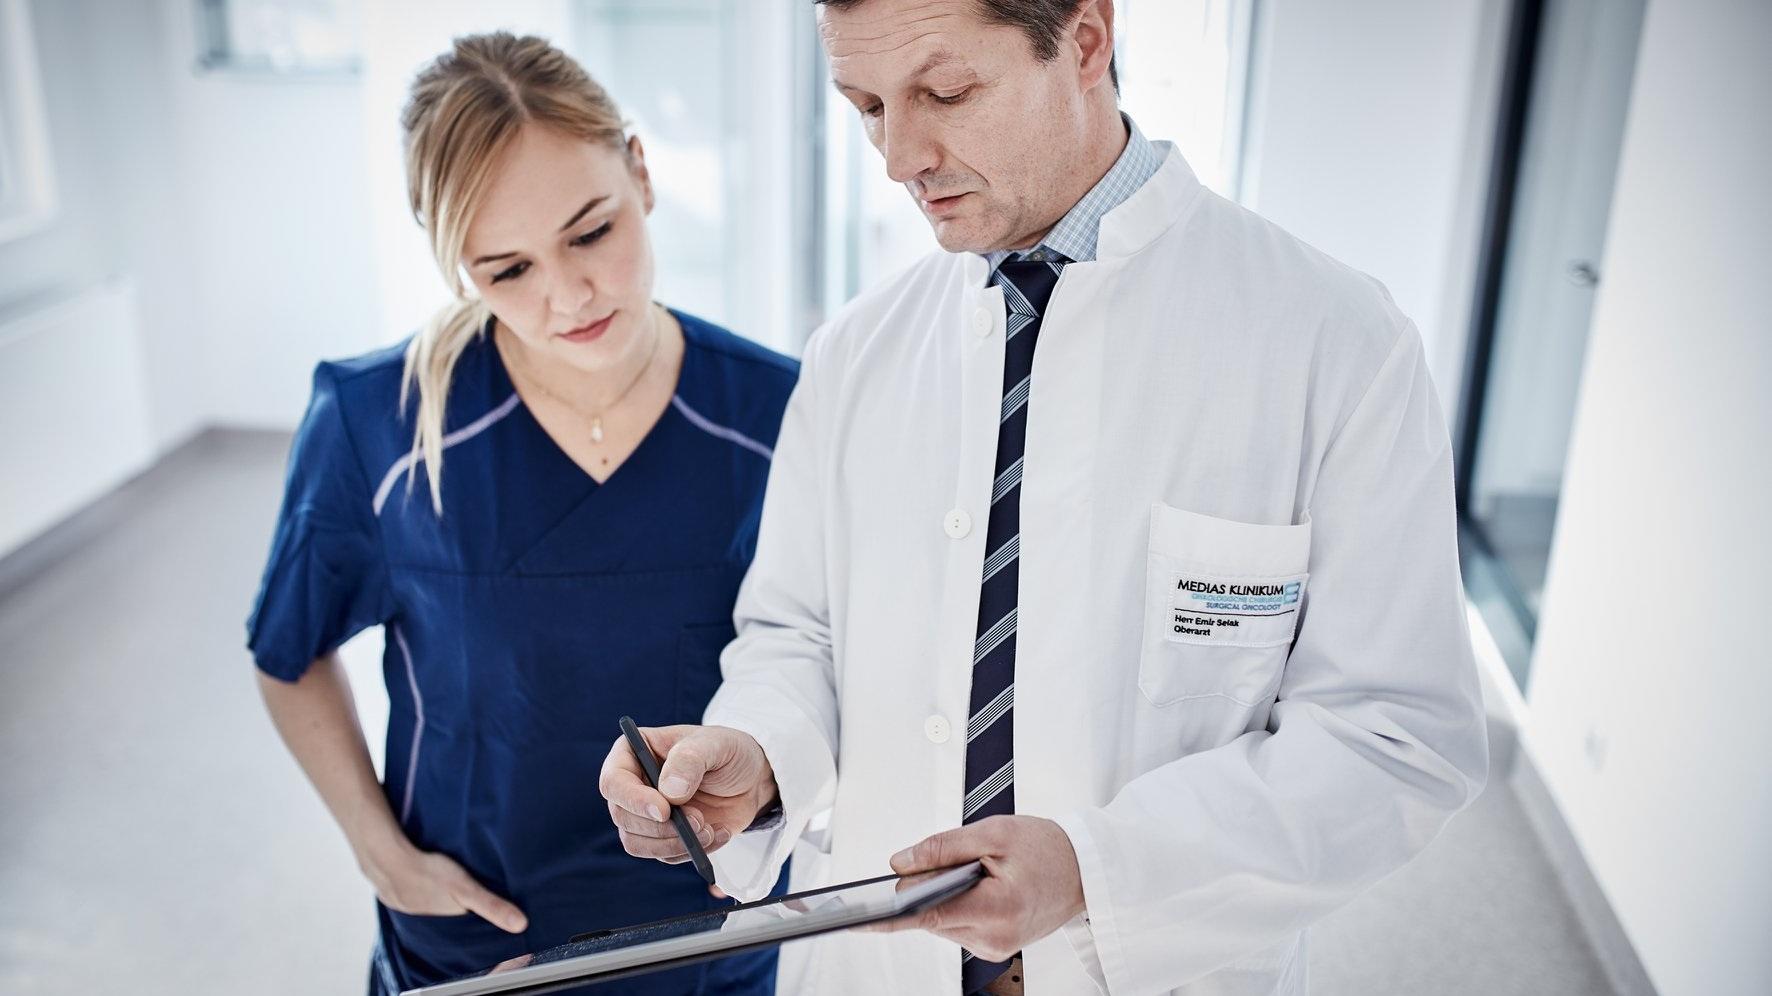 studie - Tumorkontrolle und Lebensqualität bei Patienten mit Kopf-Hals-Tumoren nach RCT